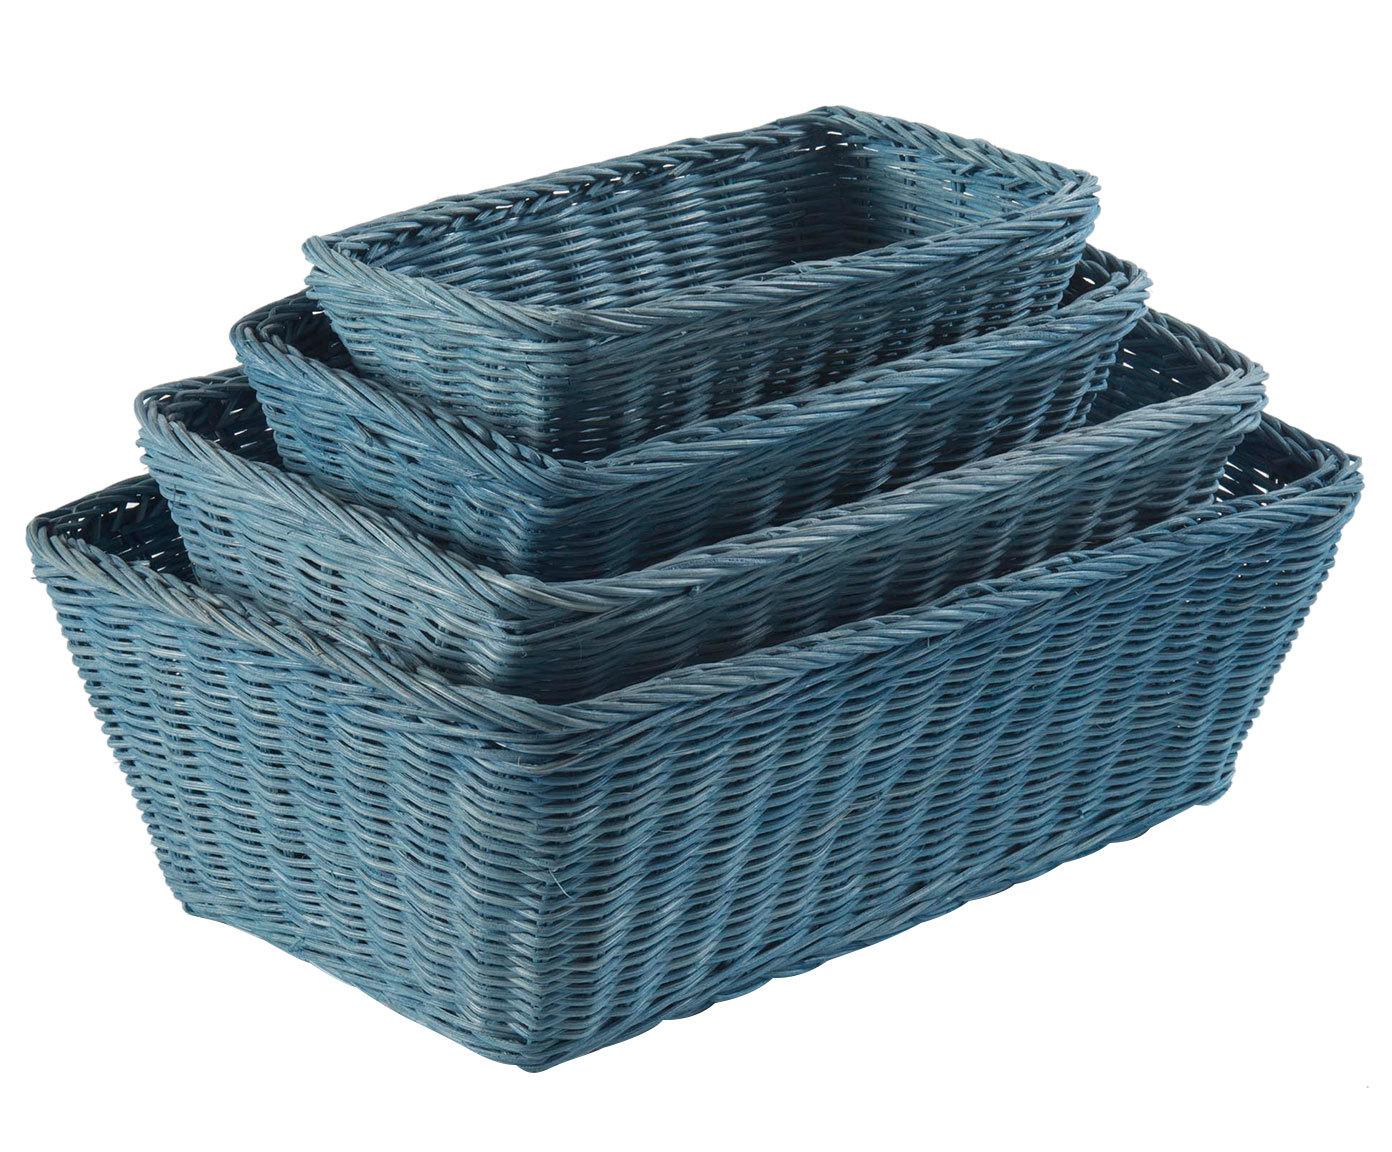 Купить со скидкой Набор из четырех корзин Rattan синего цвета